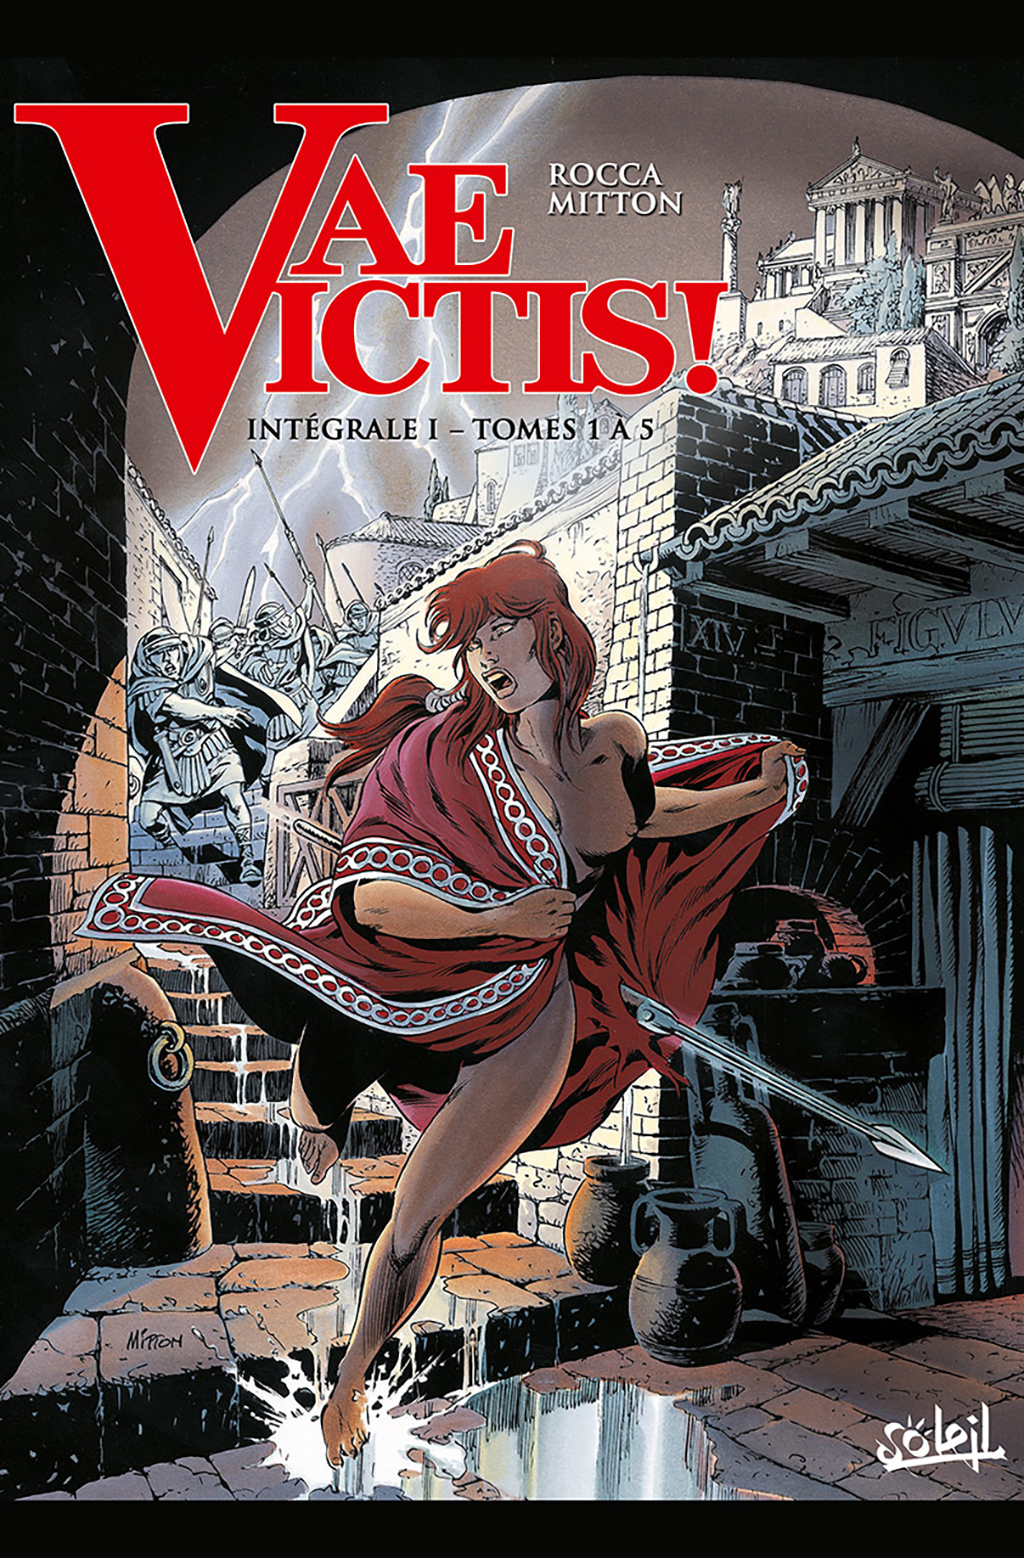 Vae Victis ! - Intégrale I - Tomes 1 à 5 – Couverture – © Éditions Soleil, 2017 – © Rocca, 1991 – © Jean-Yves Mitton, 1991